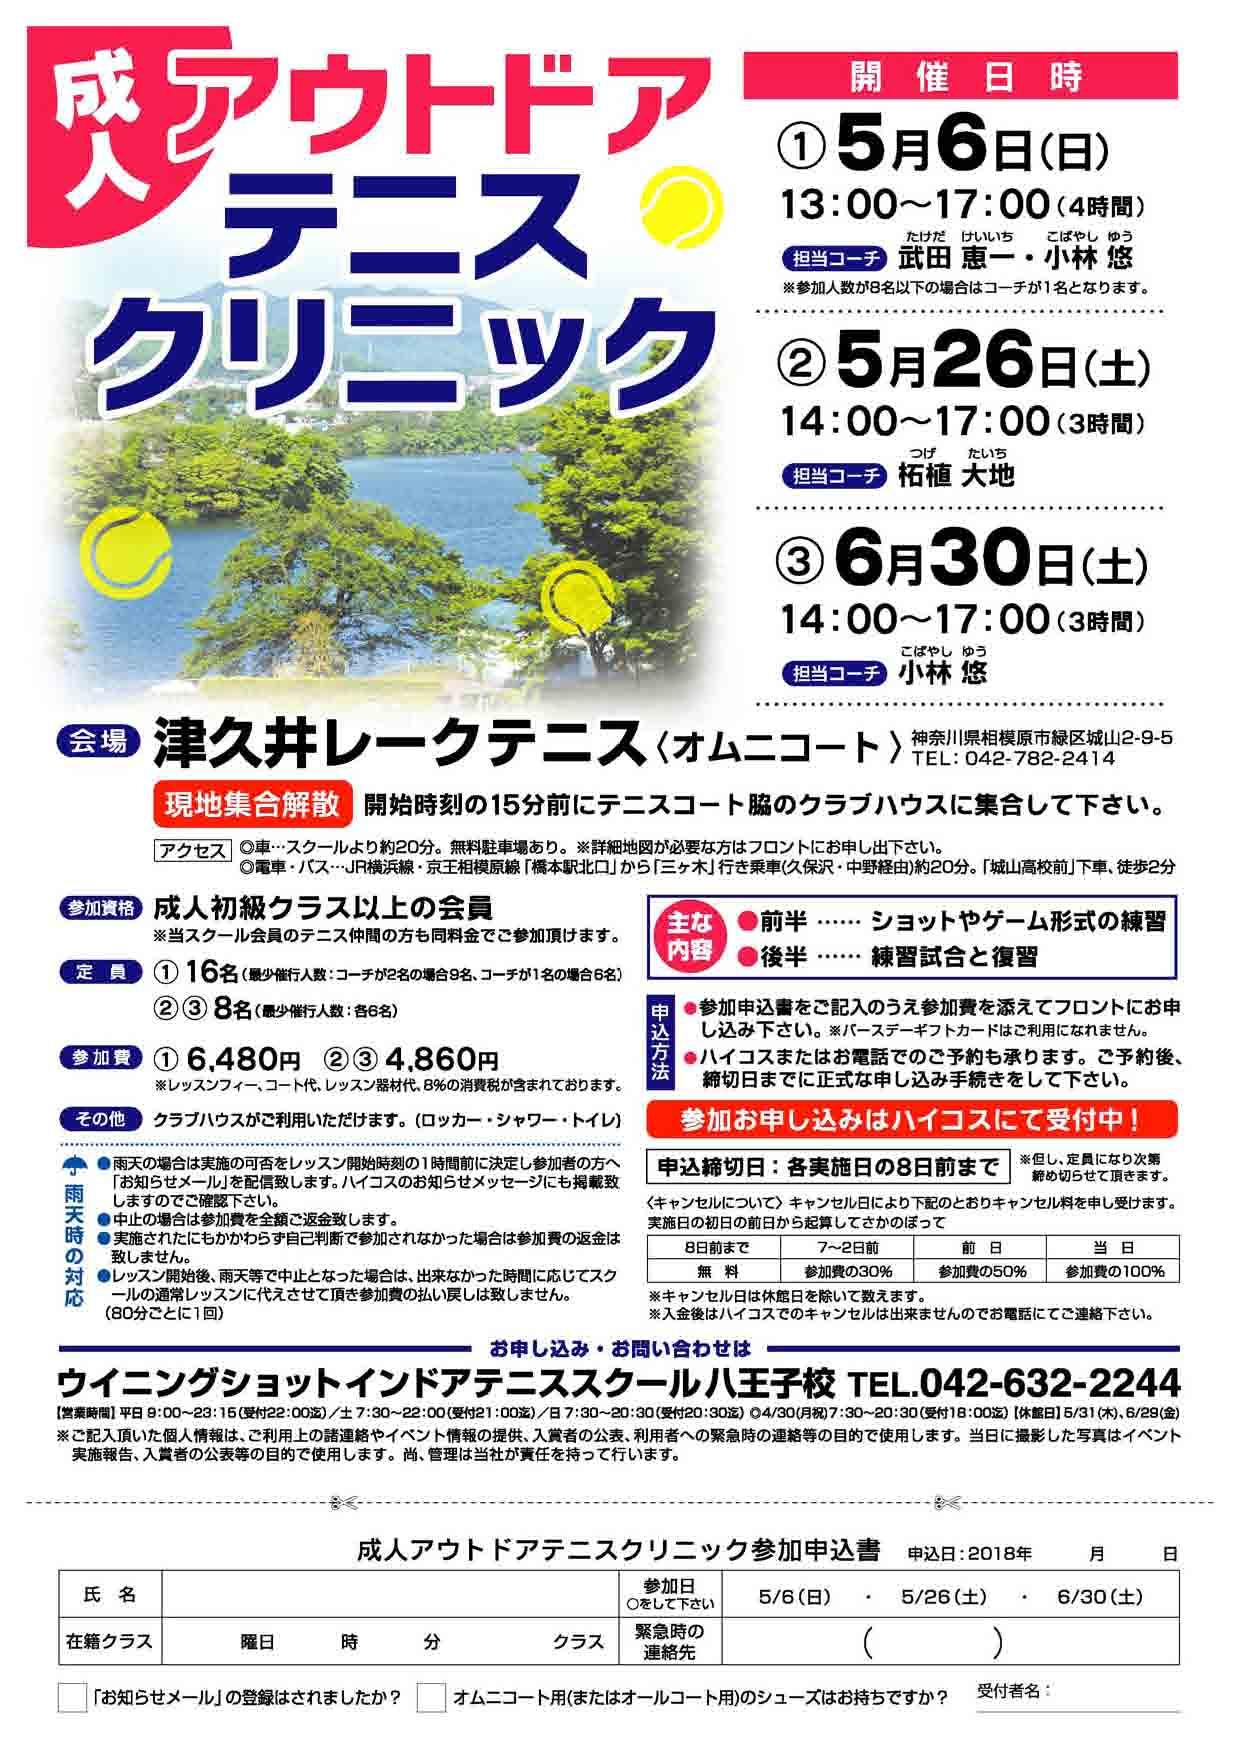 【5・6月開催】成人アウトドアテニスクリニック